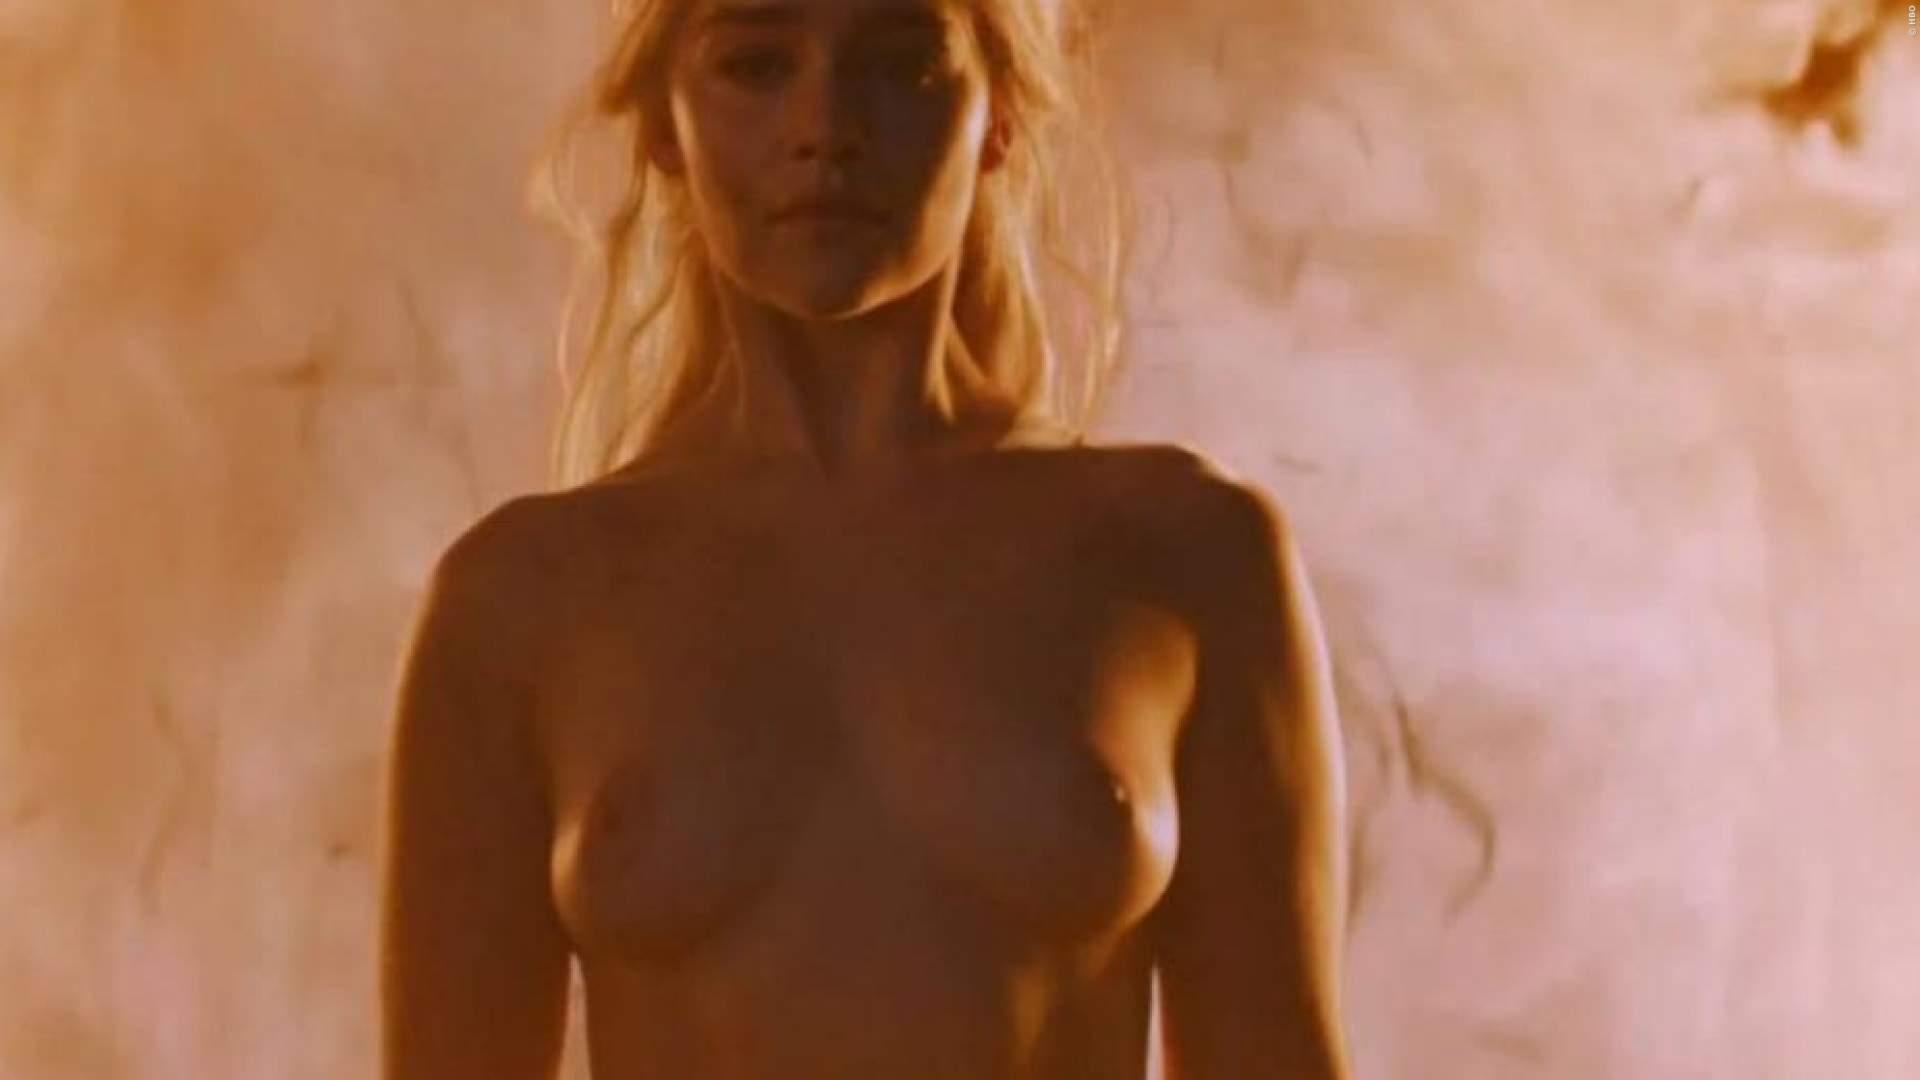 Top 30 Nacktszenen weiblicher Hollywoodstars - Bild 23 von 31